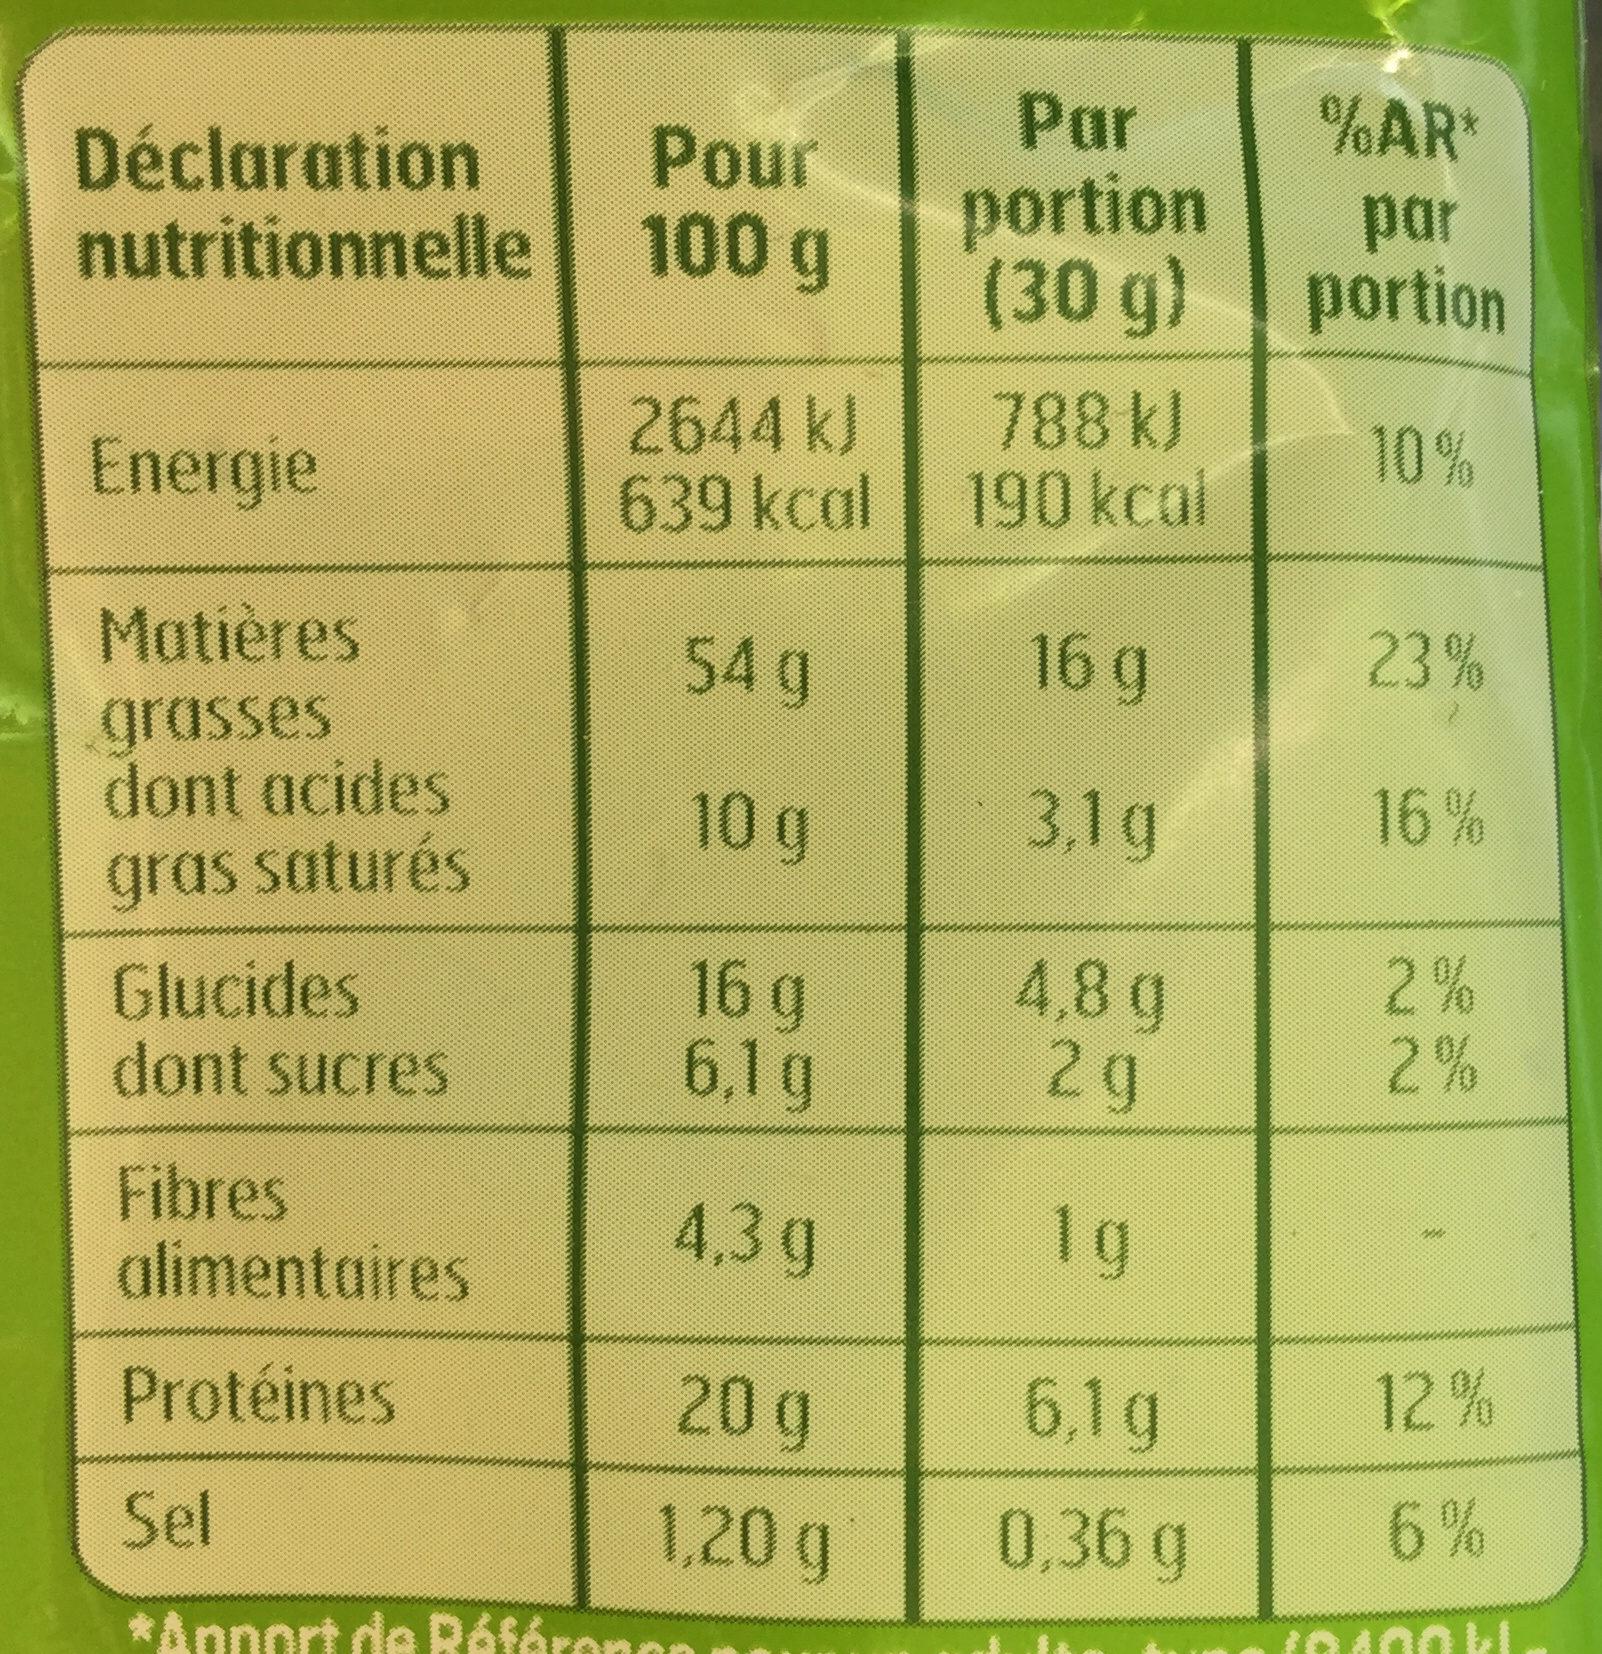 Pistaches grillées à sec - Informations nutritionnelles - fr